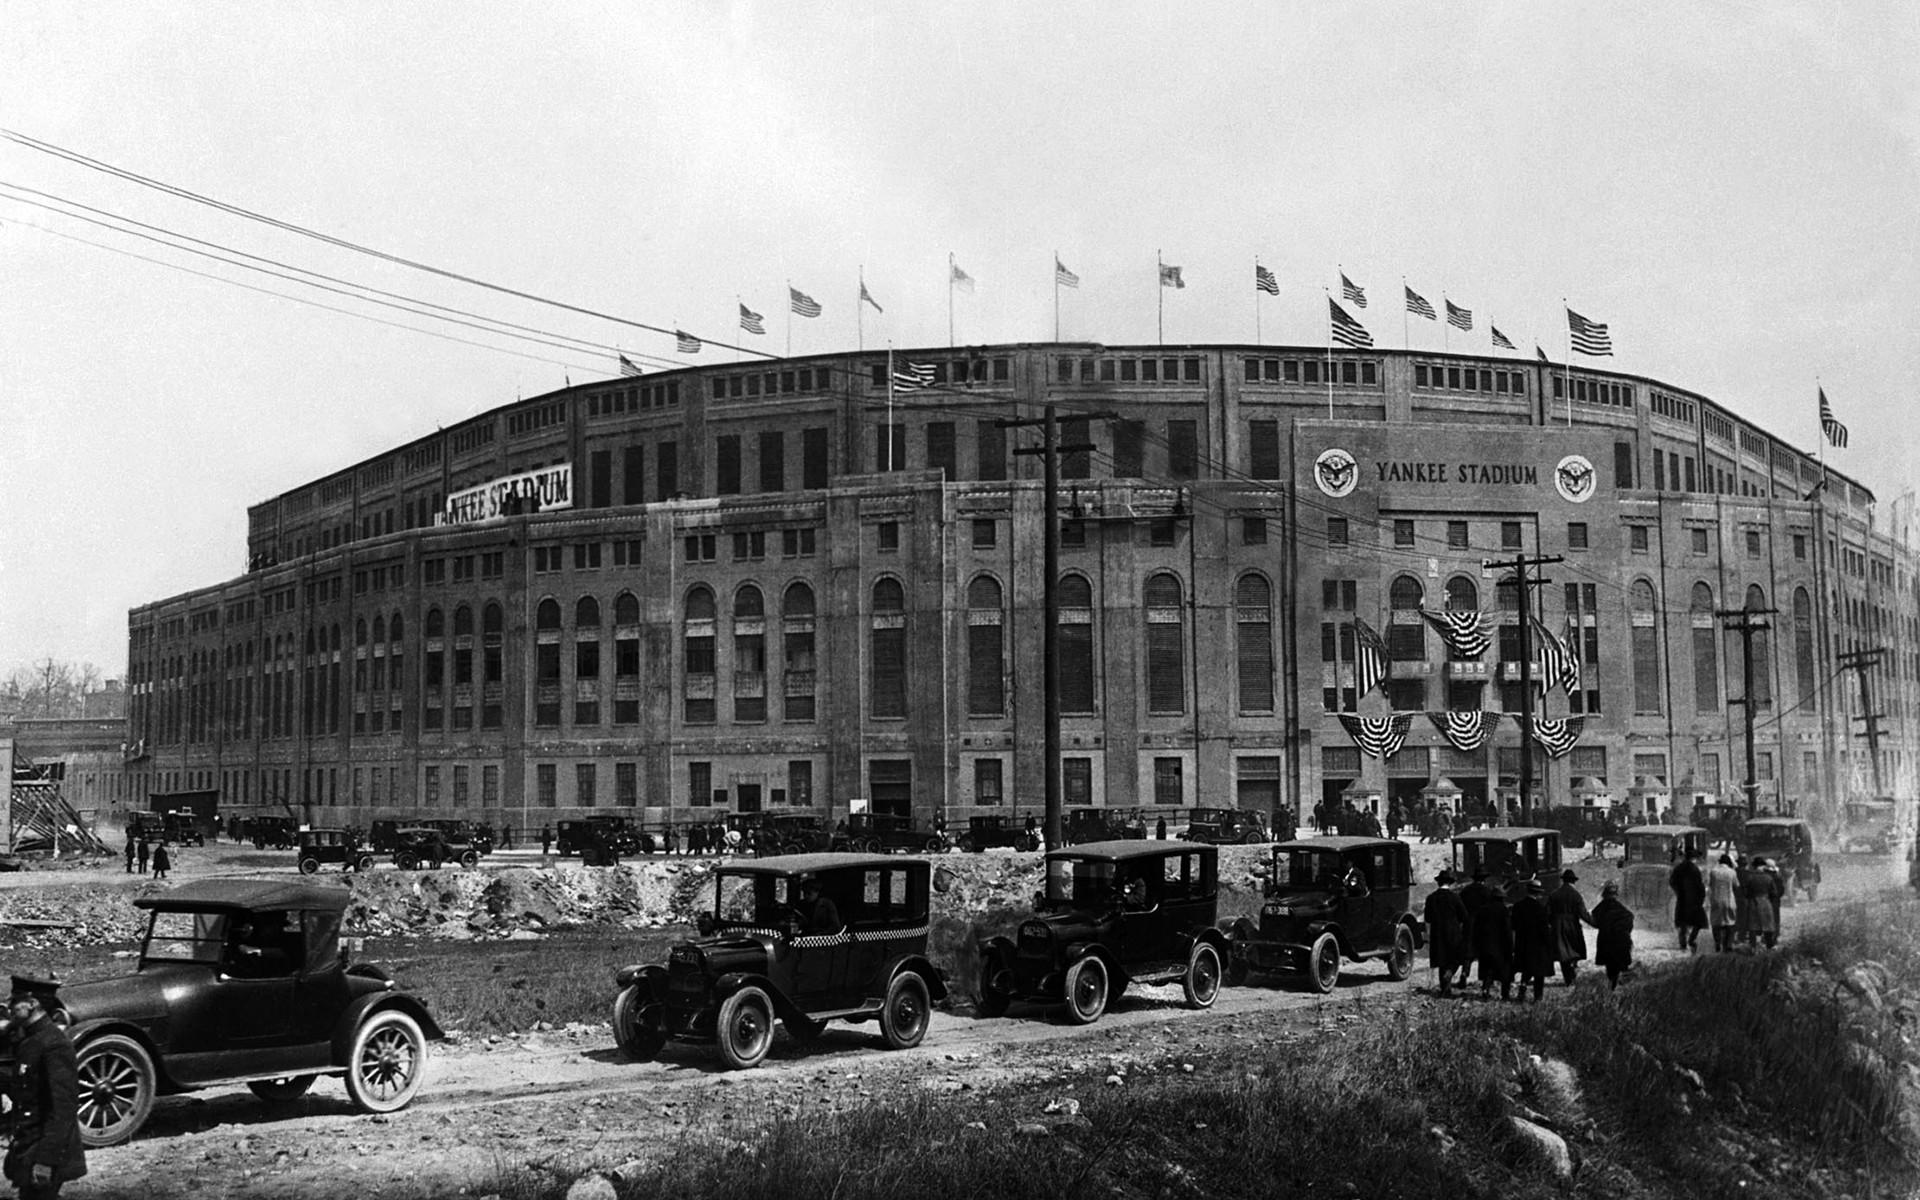 Baseball Field New York City Stadium USA Yankee